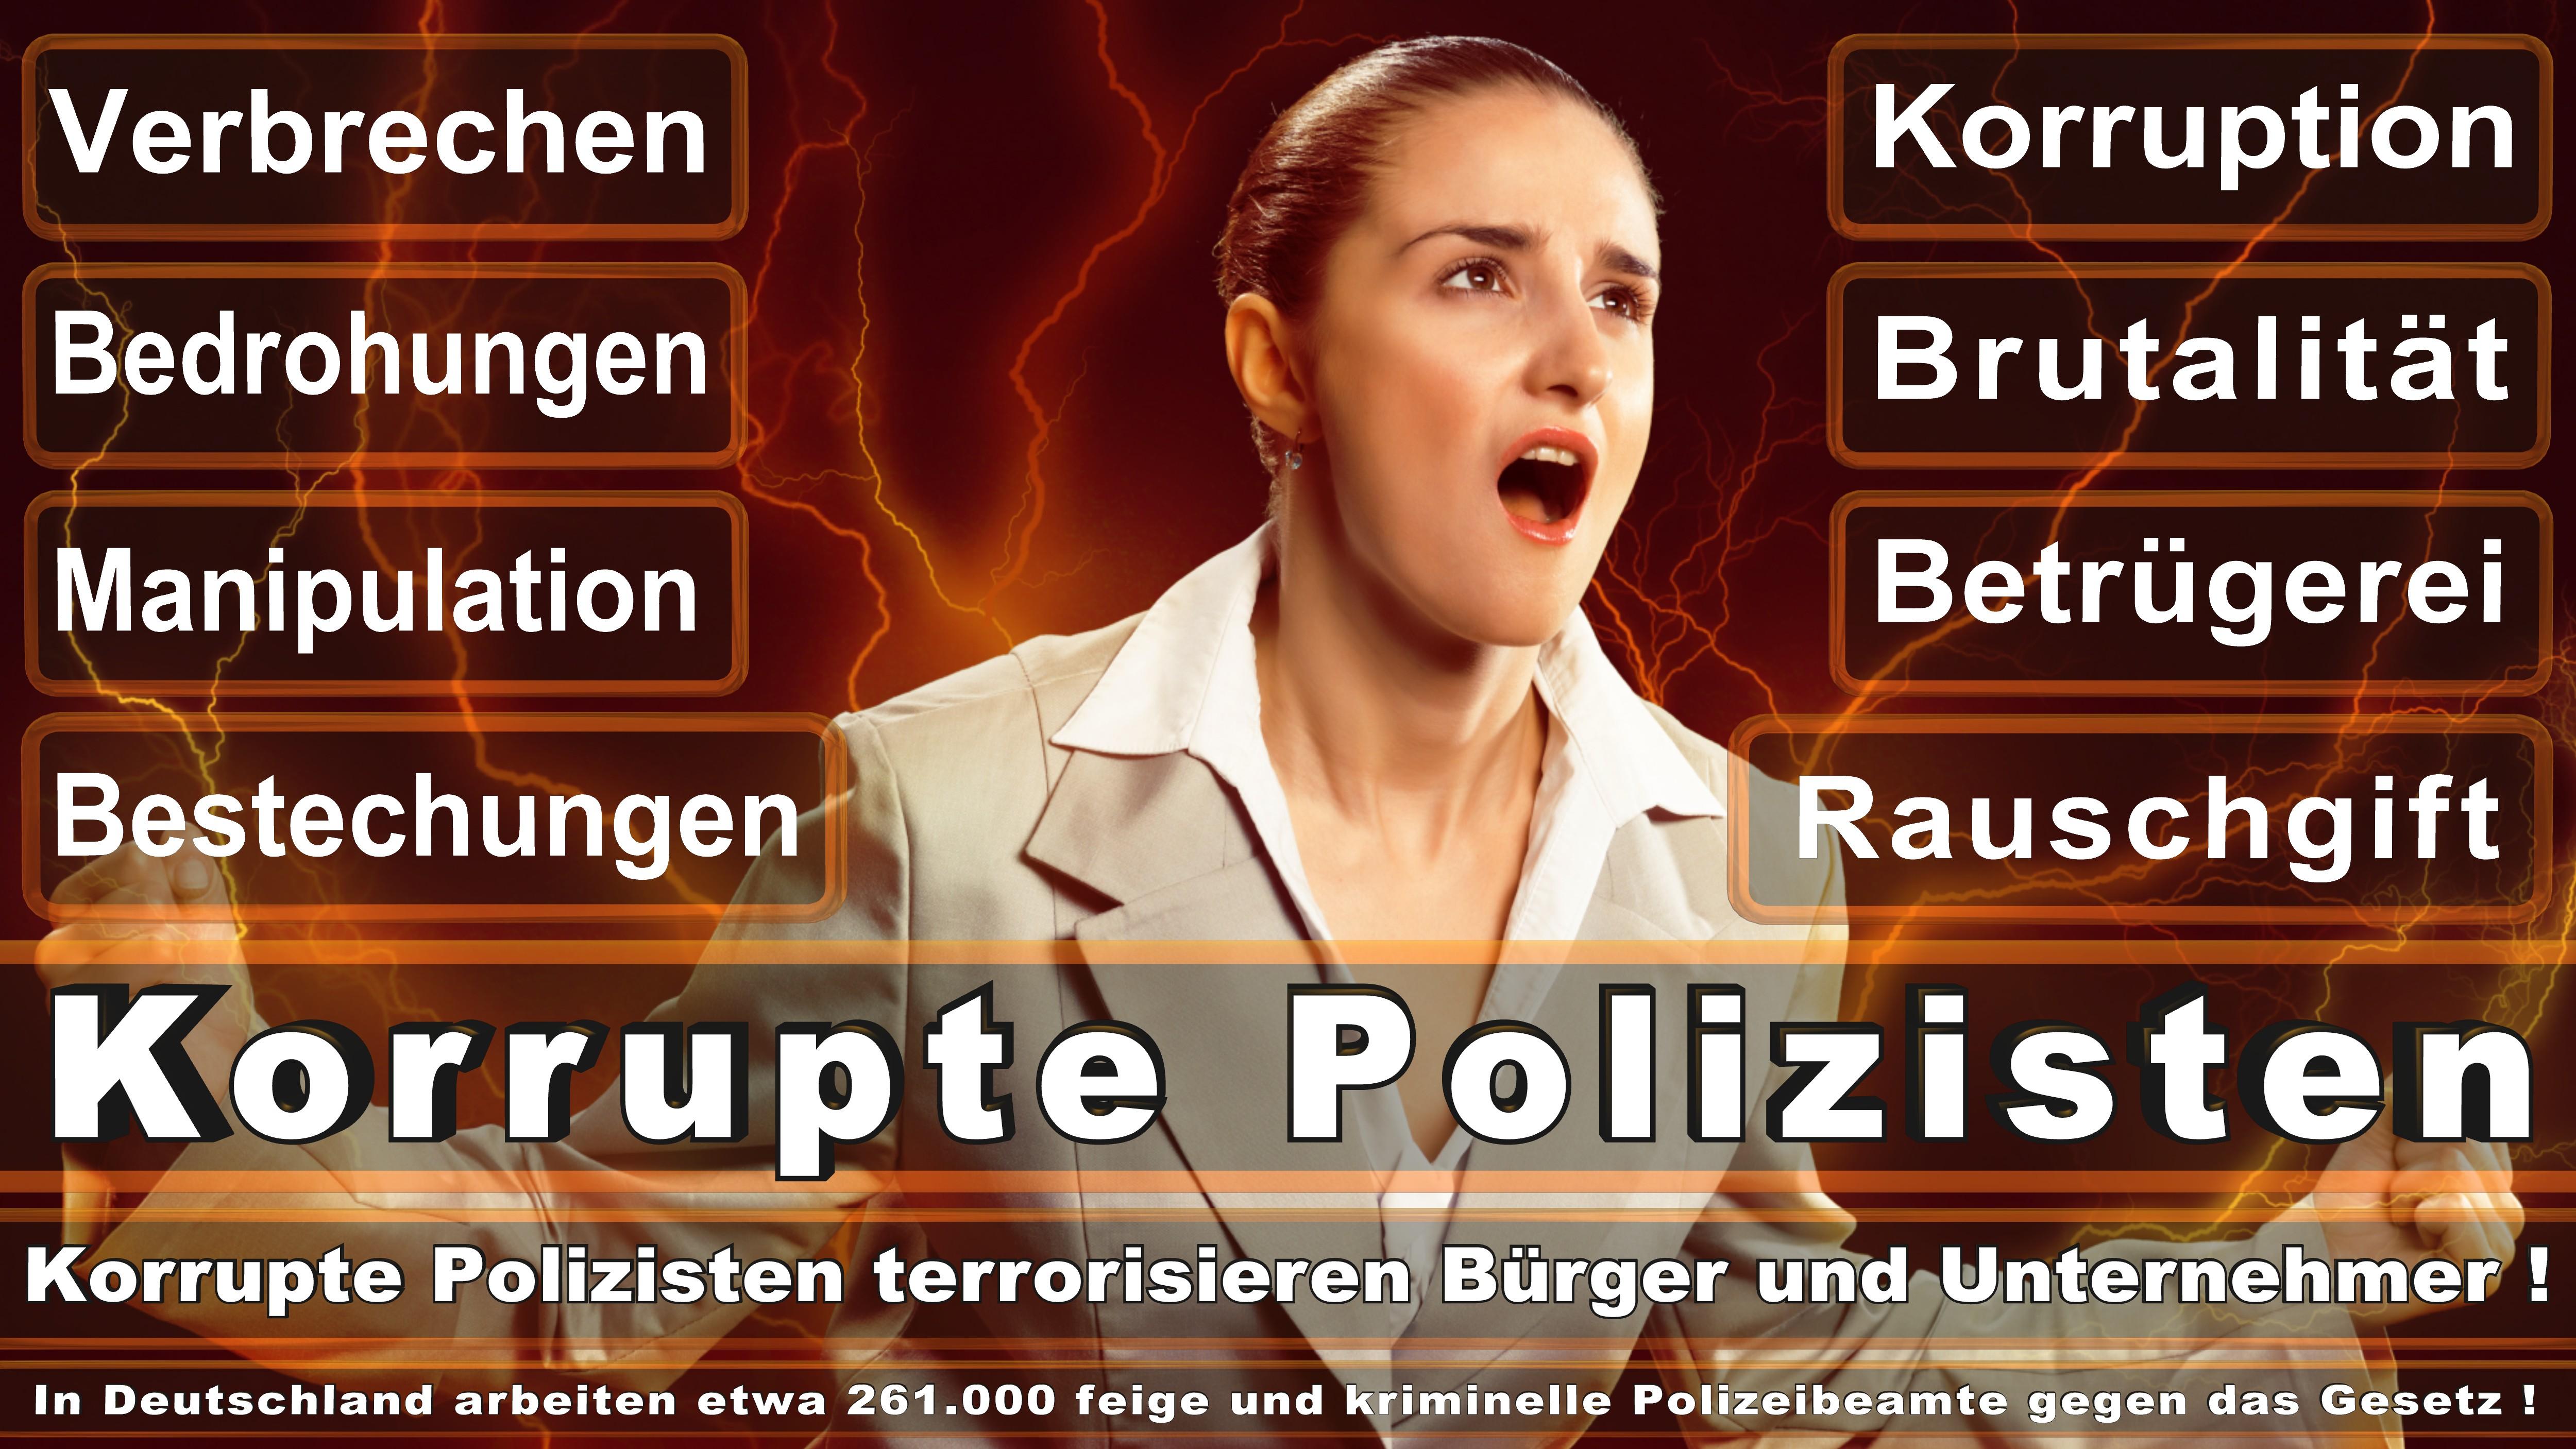 Polizei-Bielefeld (170) Polizeidienststelle, Polizeistation, Polizeipräsidium, Polizeiwache, Autobahnpolizei, Aktuell, Polizeiticker, Kreispolizeibehörde,